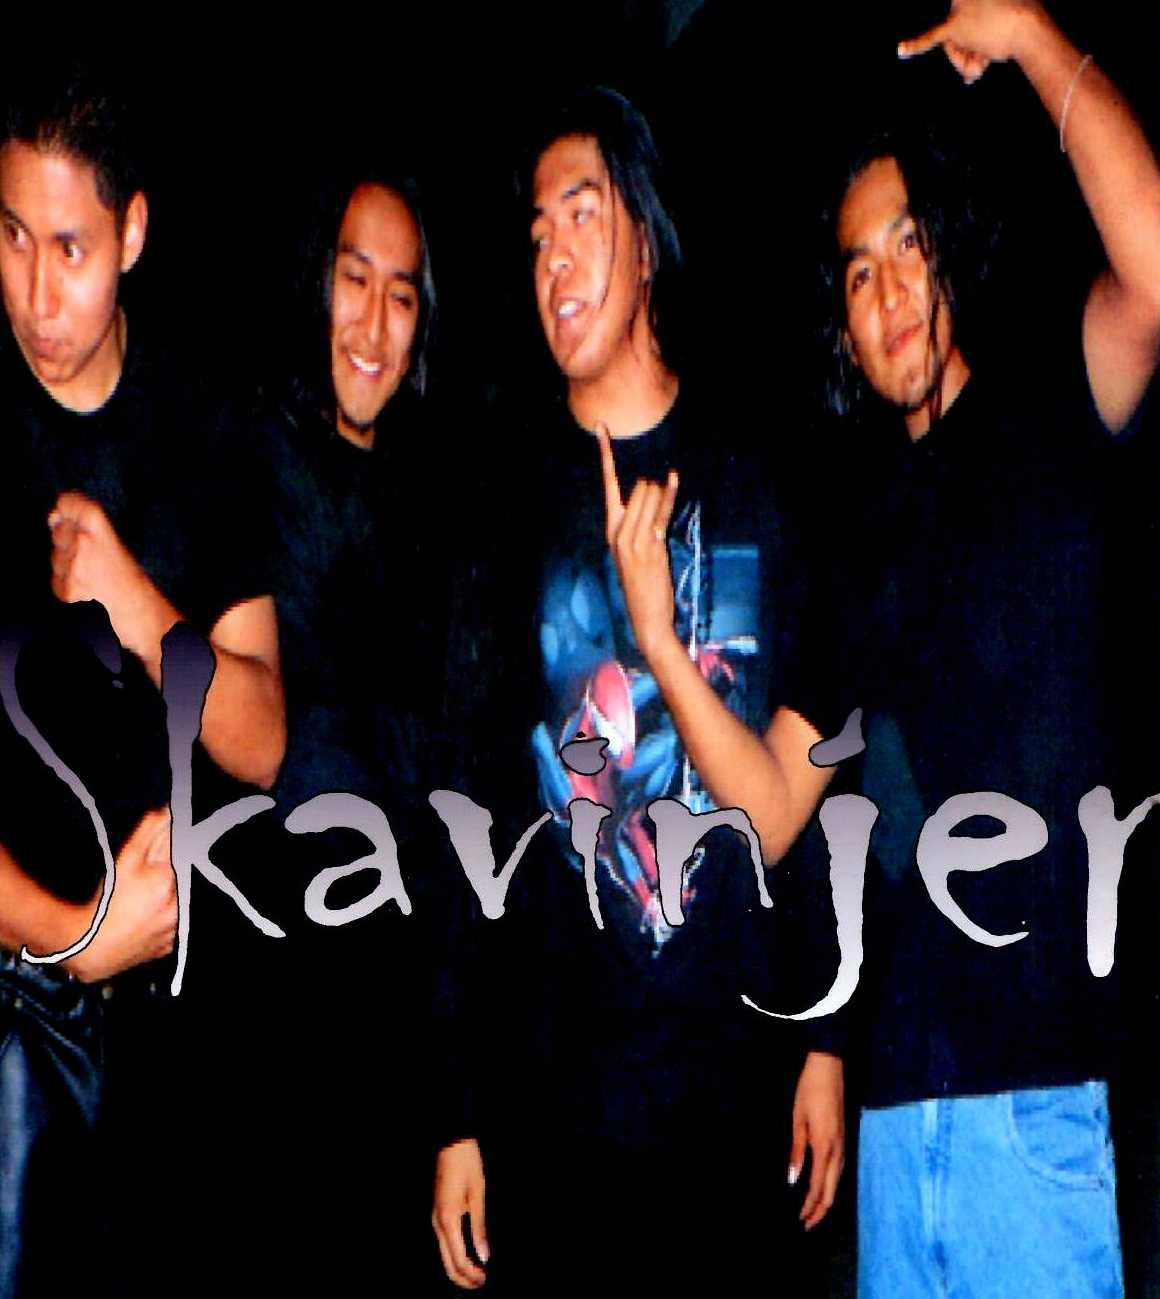 Skavinjer - Photo